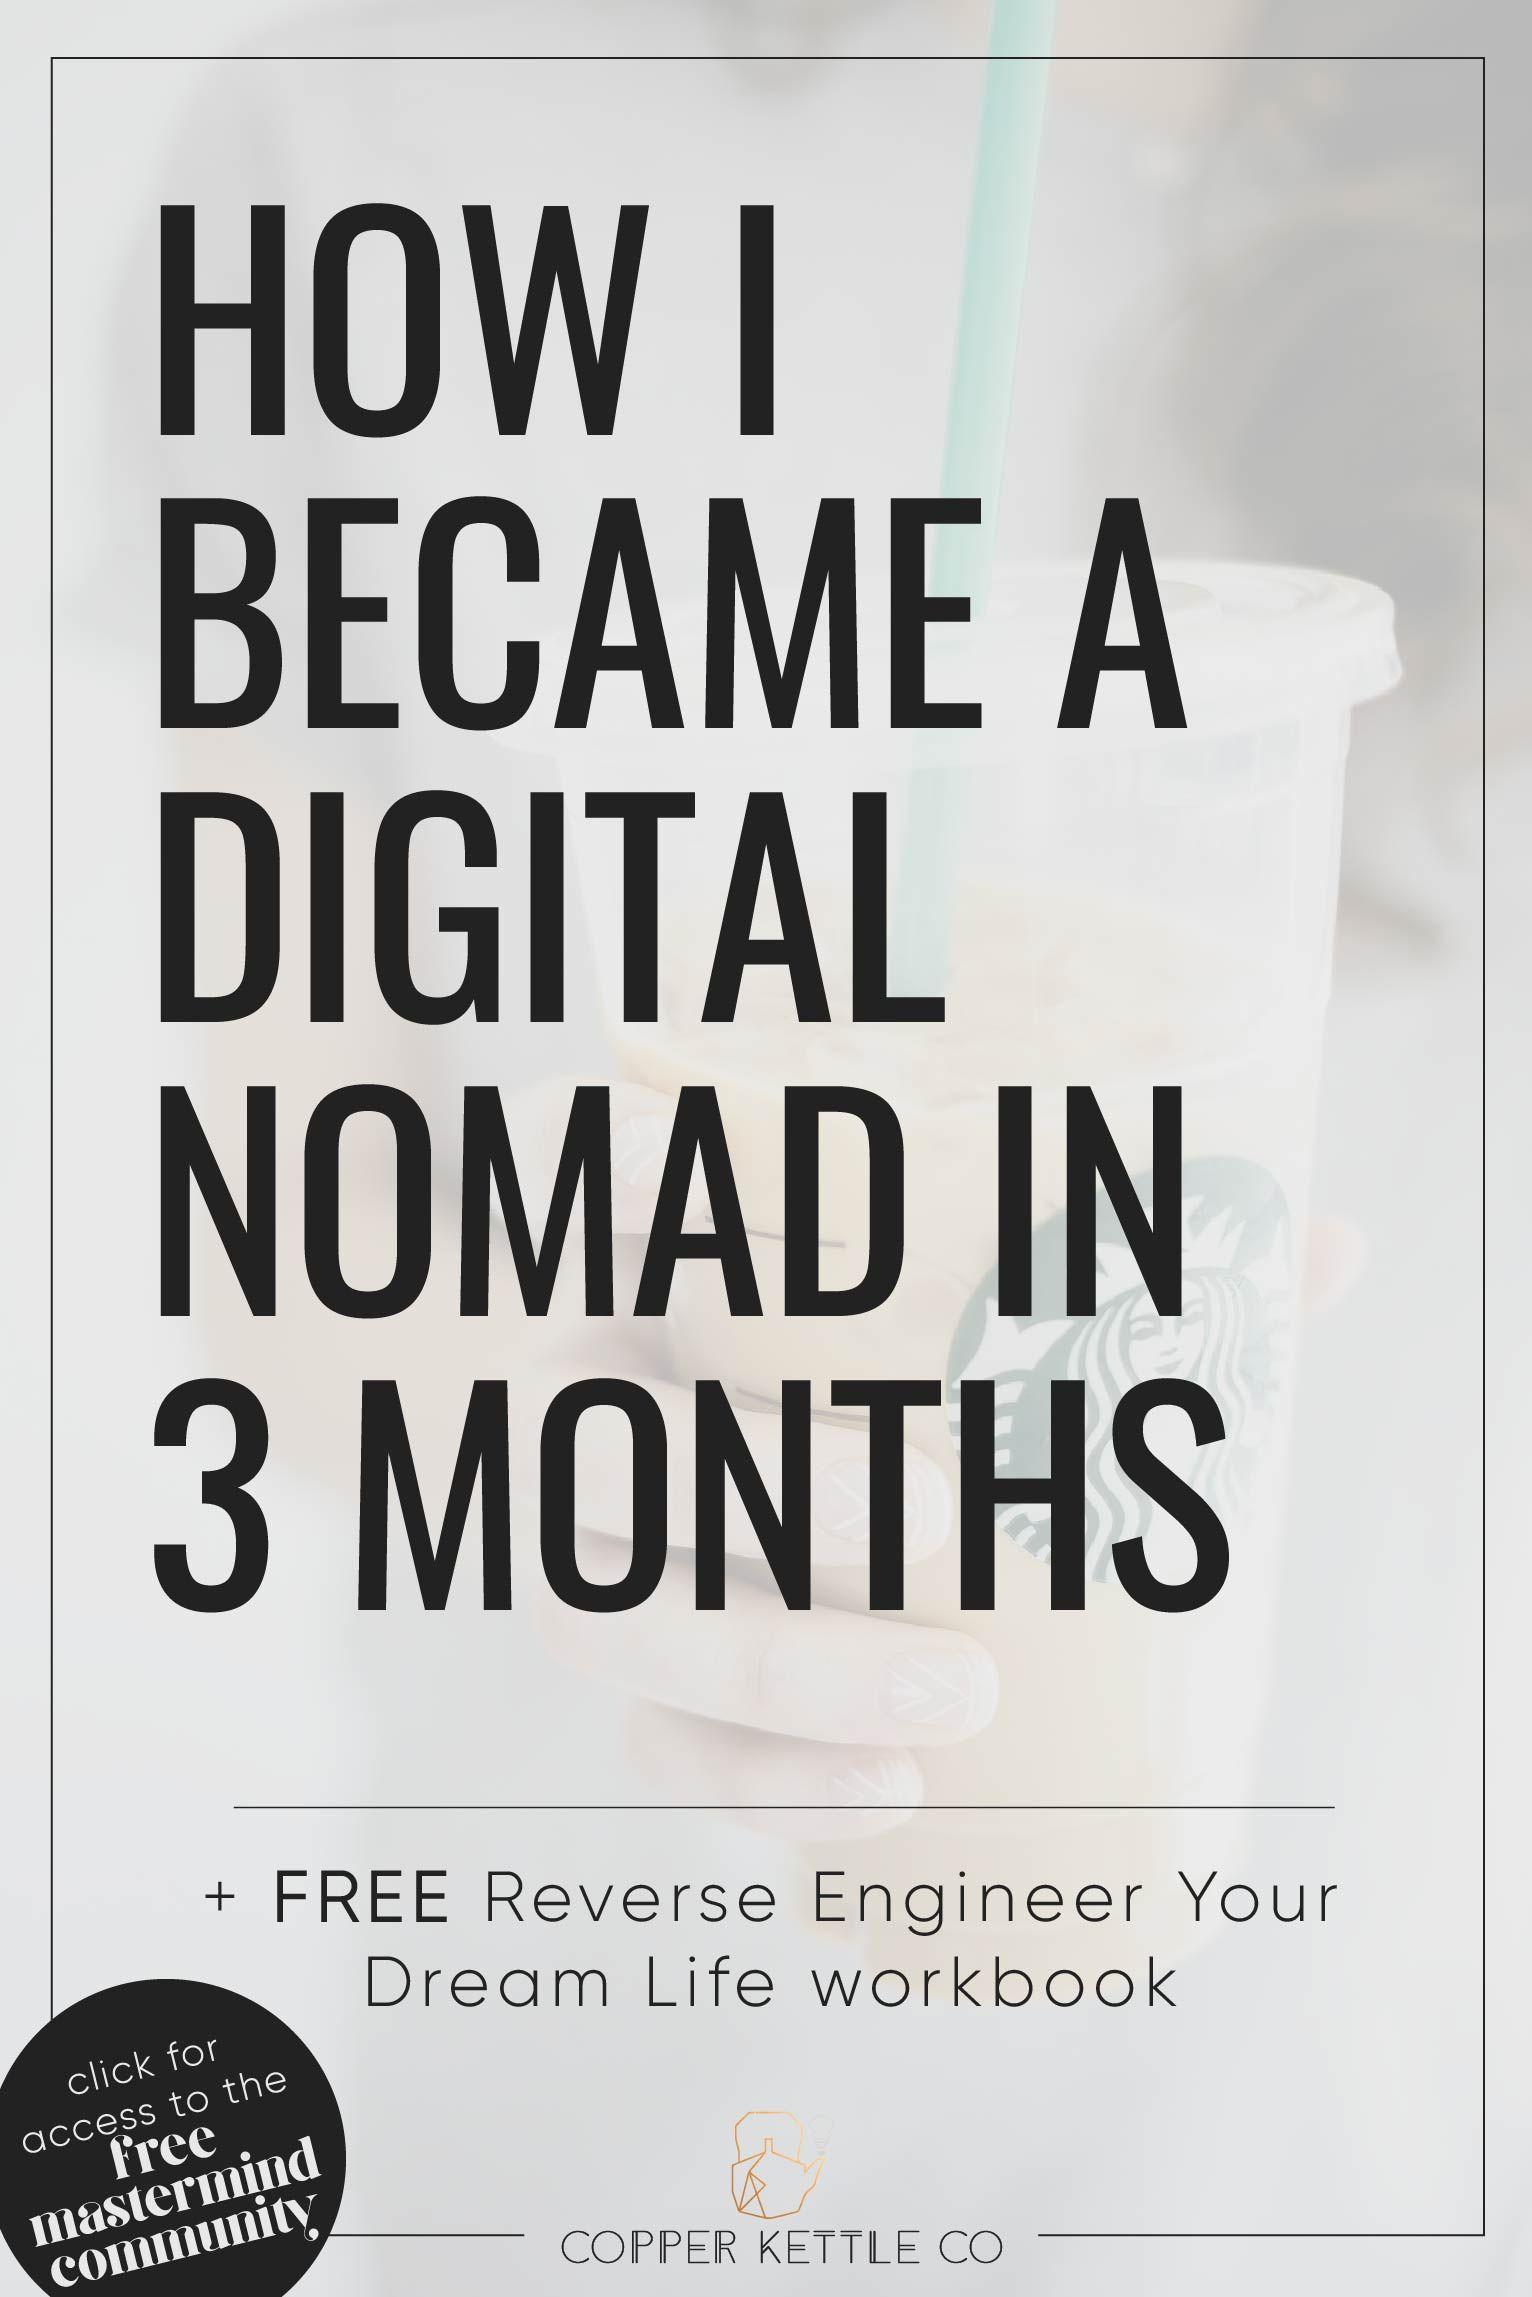 How I Became A Digital Nomad in 3 Months Digital nomad